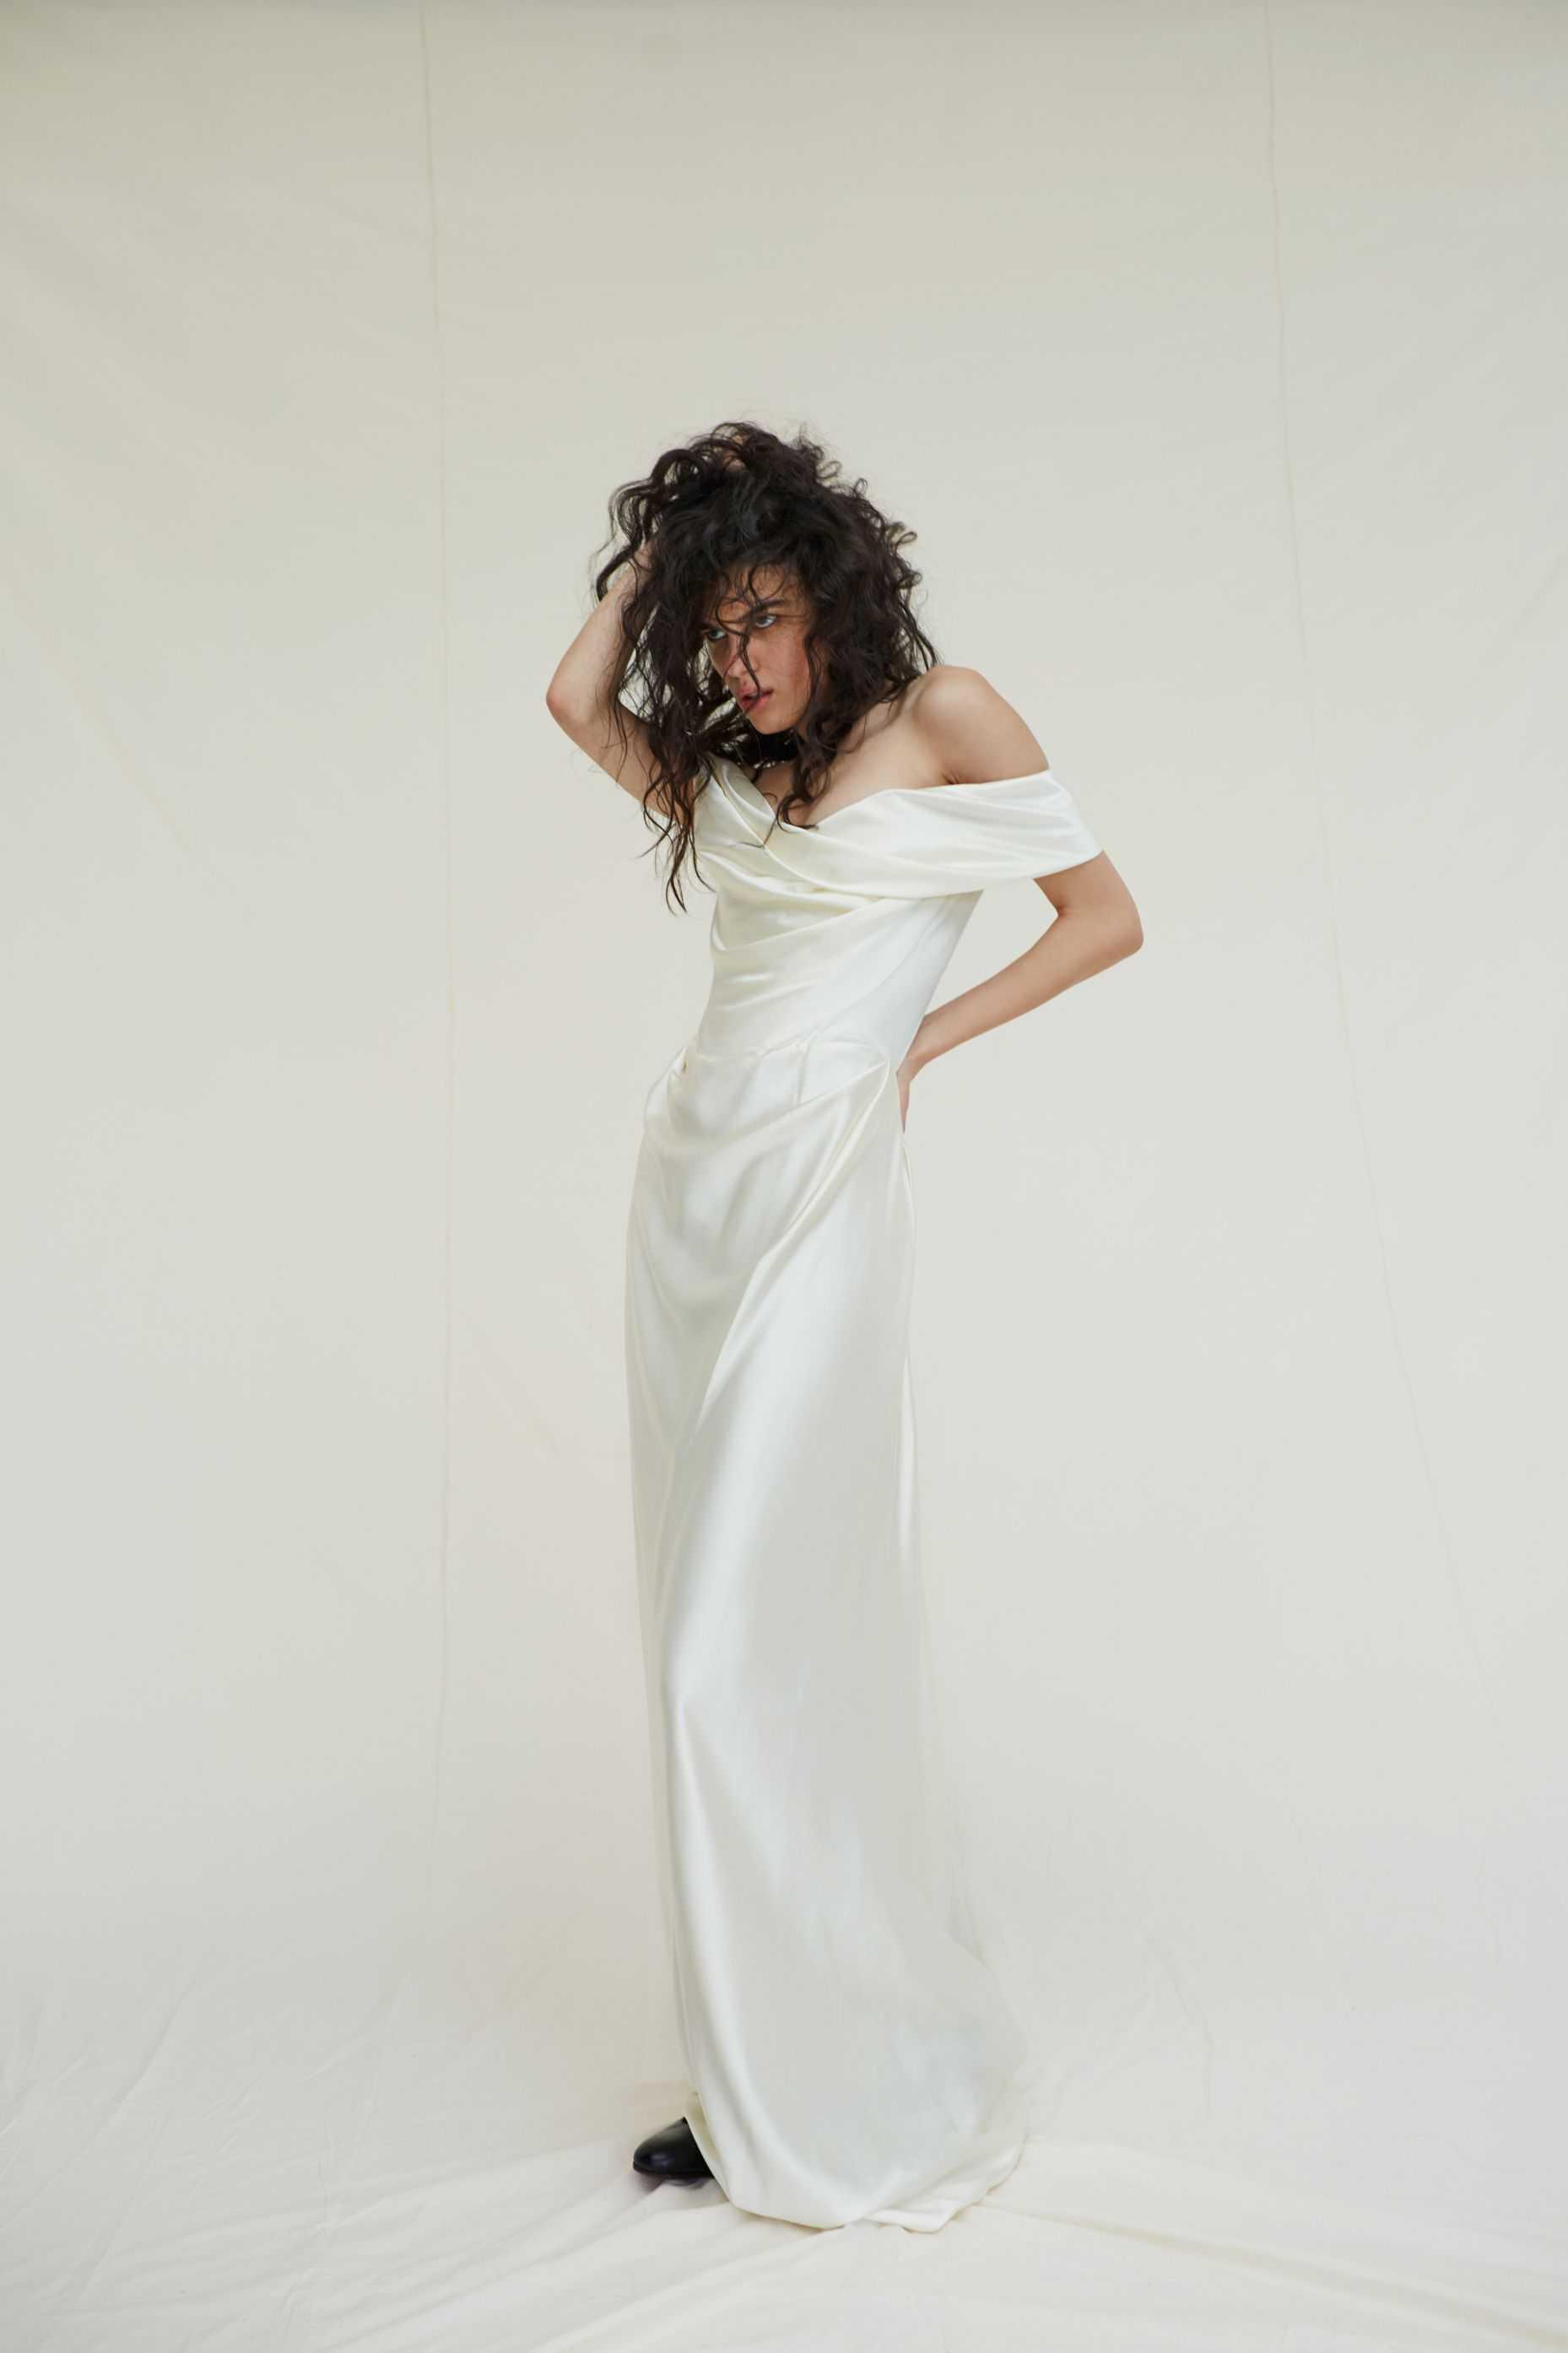 Diseño de novia de la colección Bridal de Vivienne Westwood.